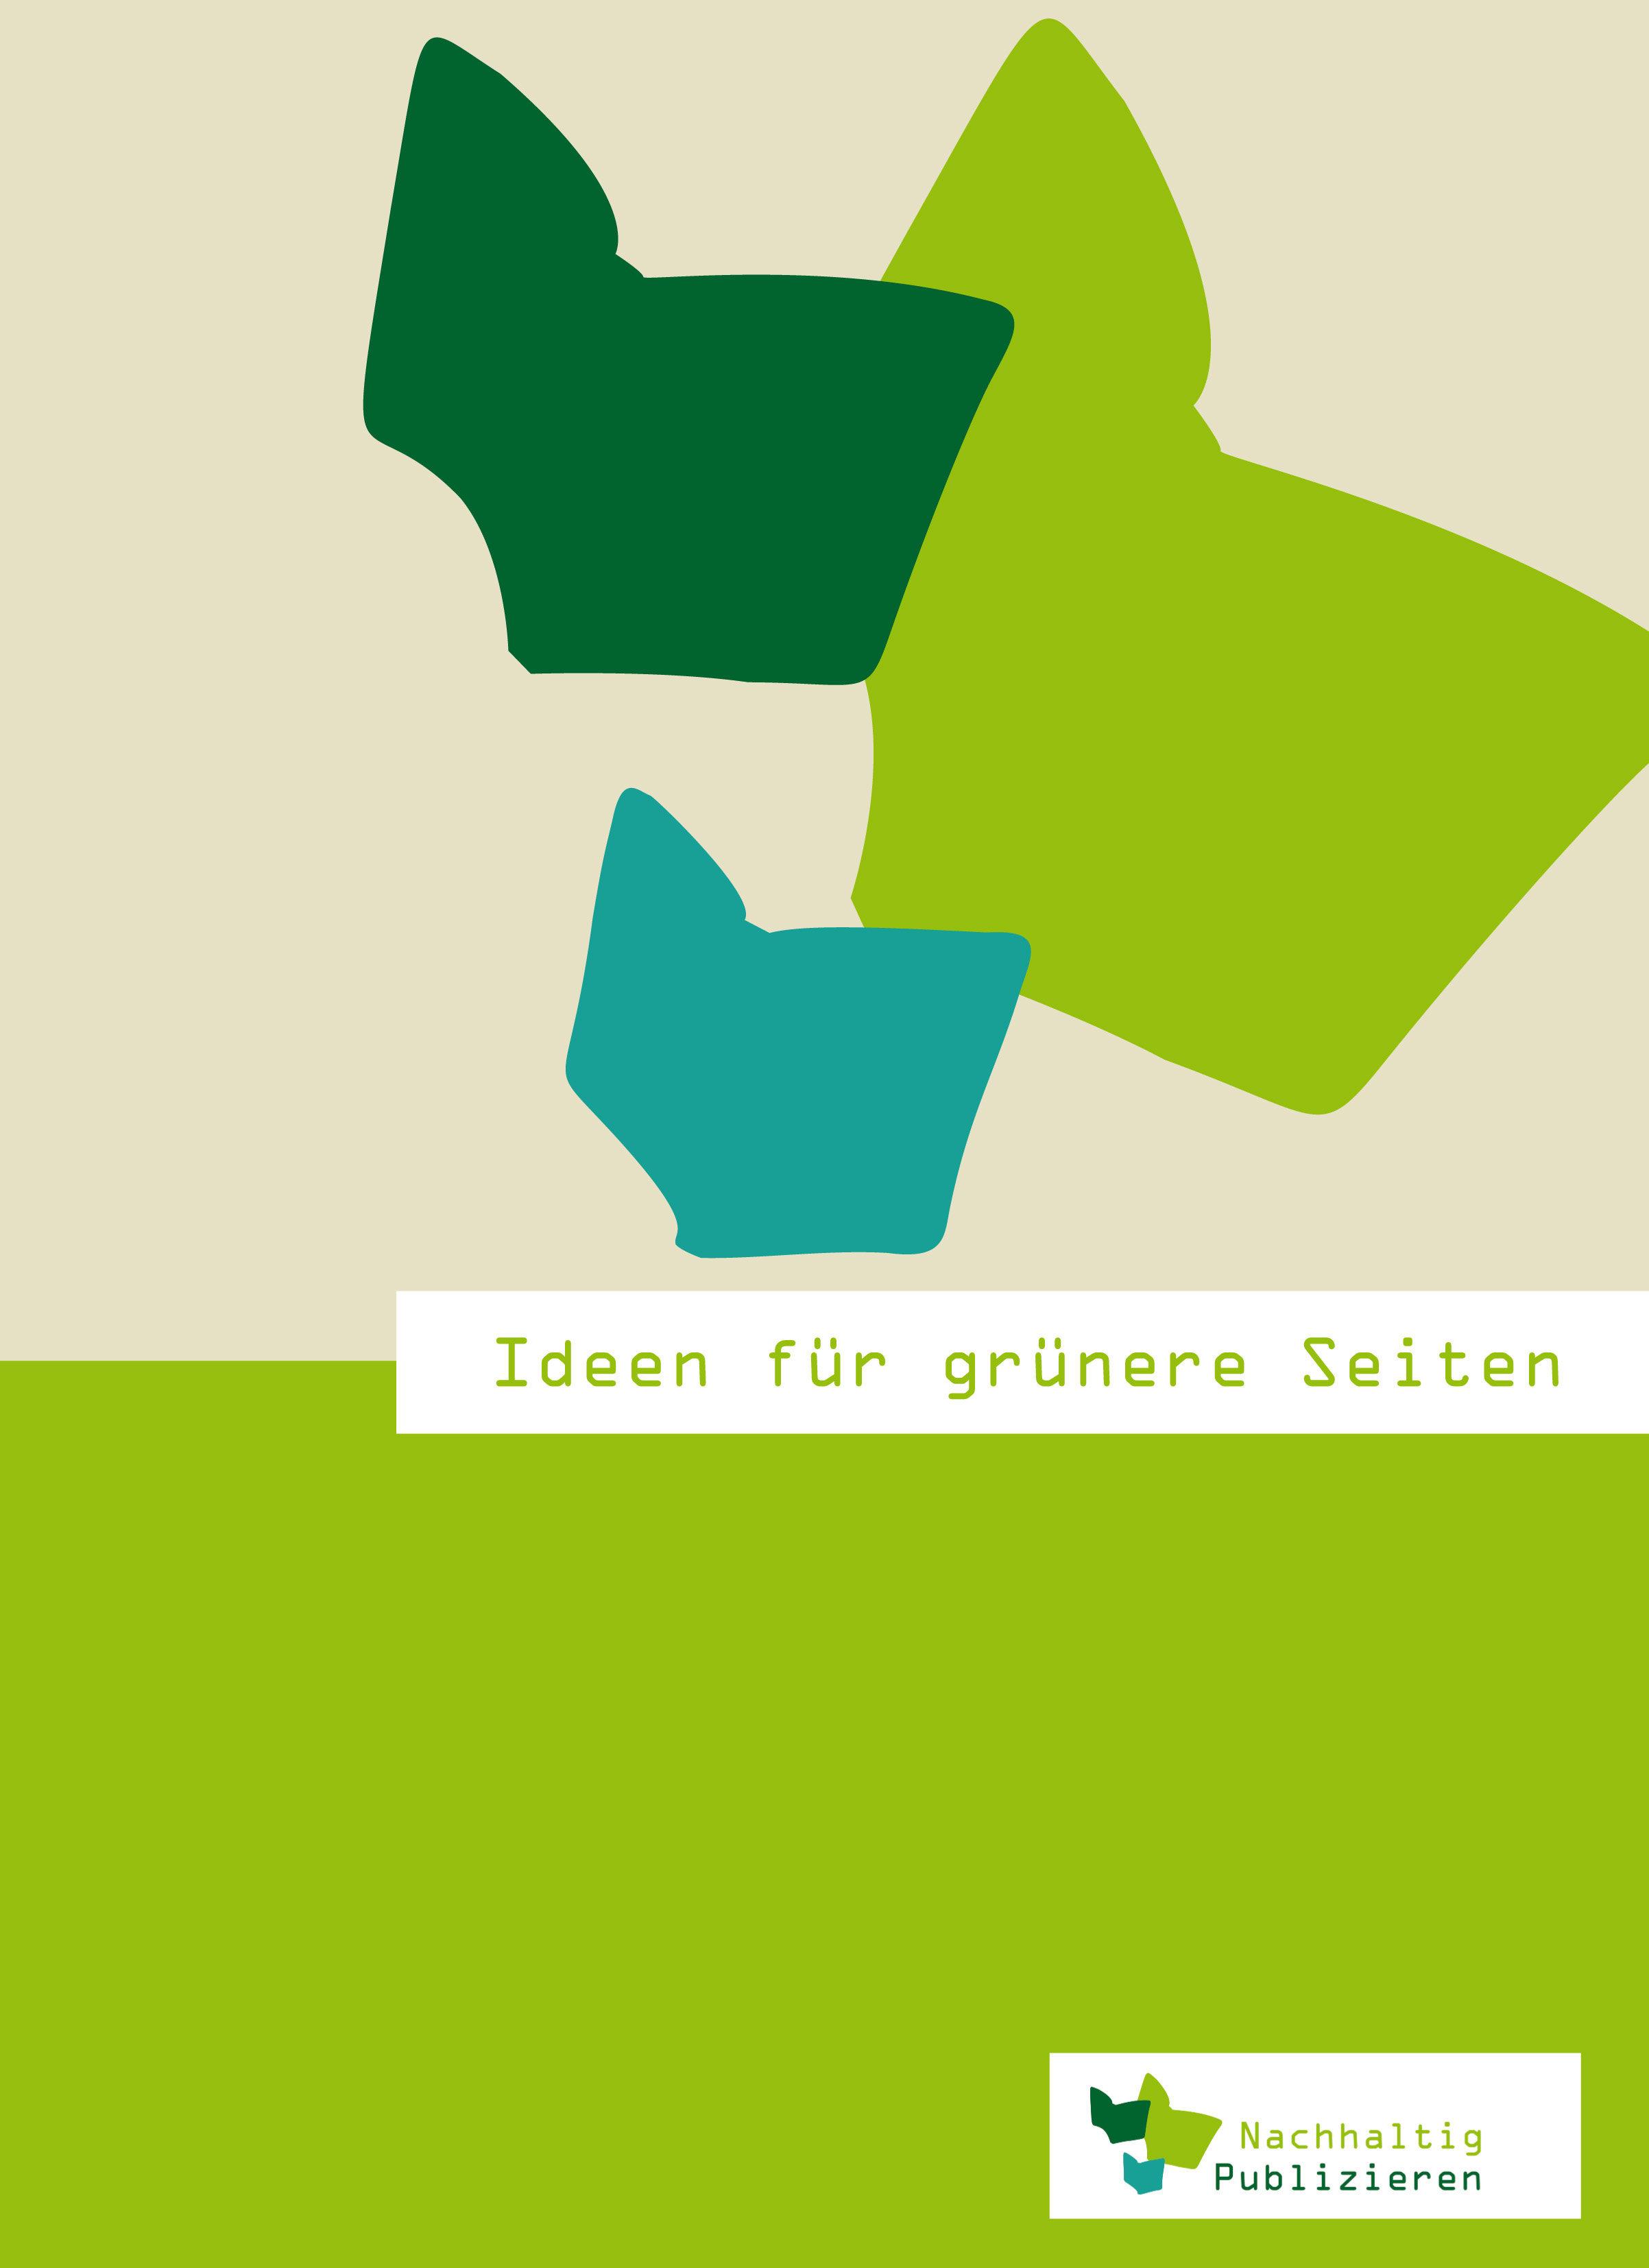 Broschüre Ideen für grüne(re) Seiten